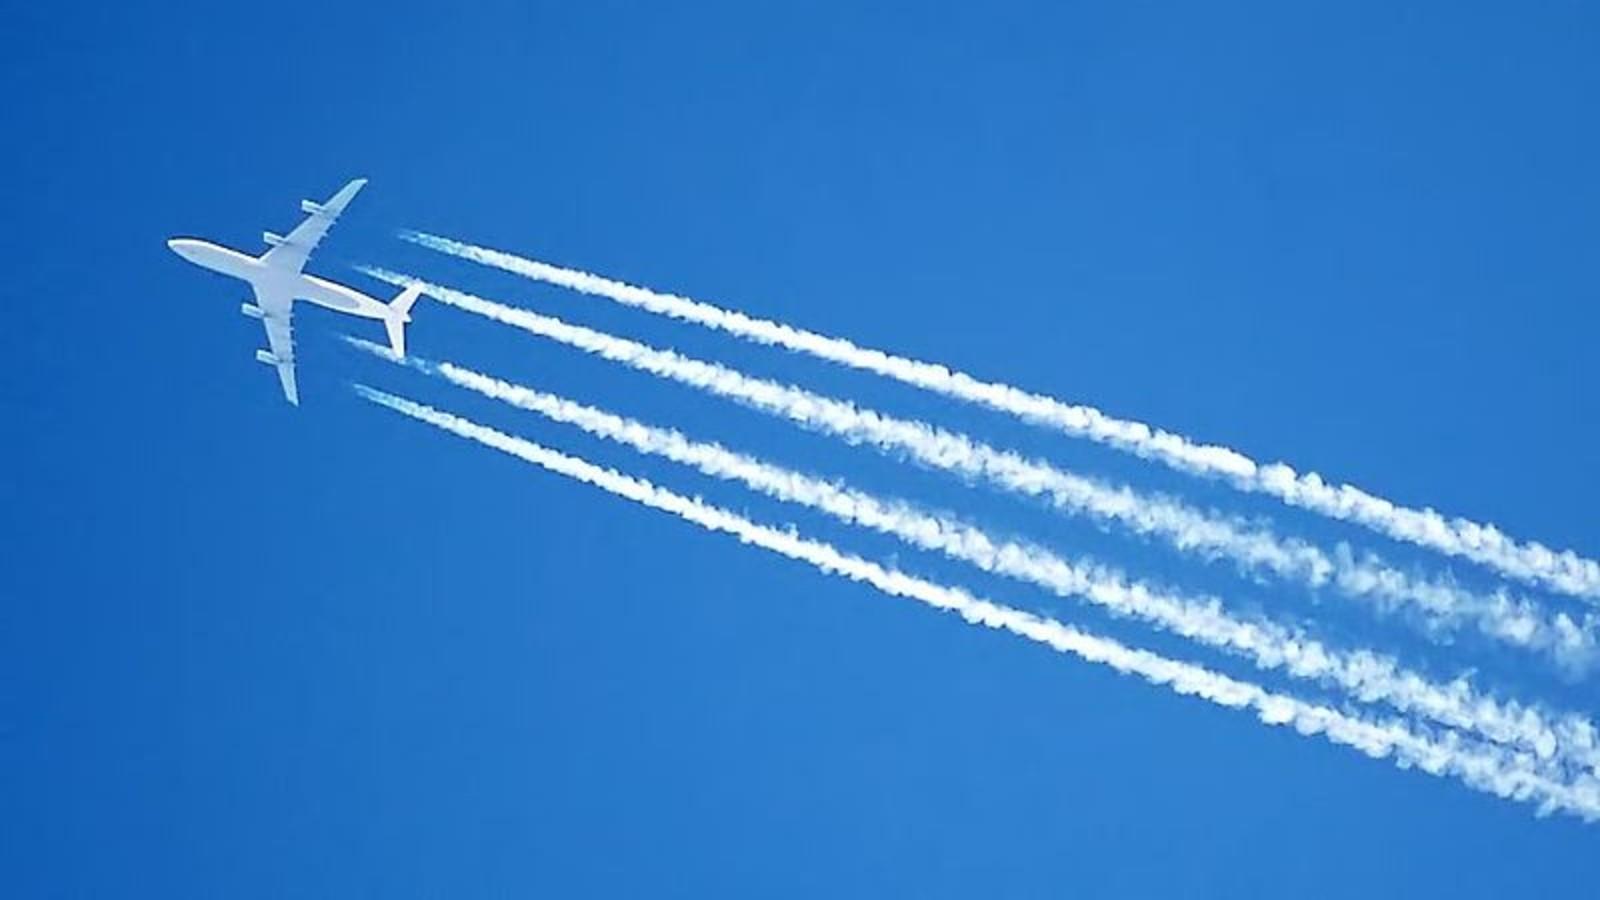 Mindenki tudja, a repülőgép sugárhajtóművei hosszú, fehér kondenzcsíkot húznak maguk után az égen repülés közben. A chemtrail hívők szerint ezekben olyan vegyszereket hintenek el a kormányok, amelyekkel lélektani, pszichikai uralom alatt lehet tartani a lakosságot. Mások úgy hiszik, a kormányok a repülőkből kilövellő vegyszerekkel befolyásolják az időjárást, a klímát, illetve gyógyíthatatlan betegségekkel tartják kordában és szabályozzák a földi populációt. (Wikipedia)